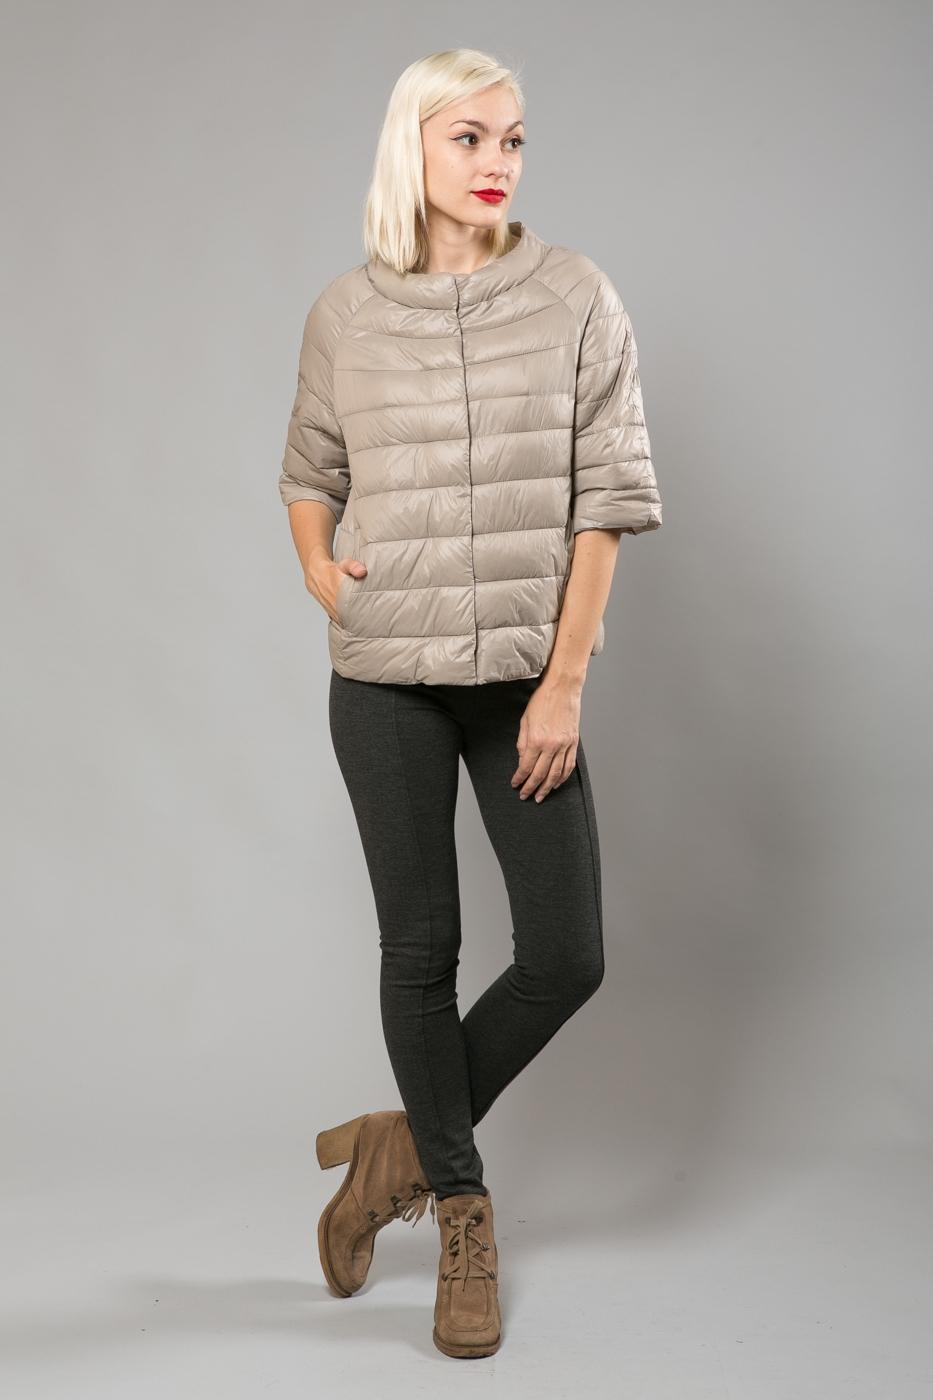 Светлая куртка трапеция с коротким рукавом – не очень практичная, но вполне привлекательная модель